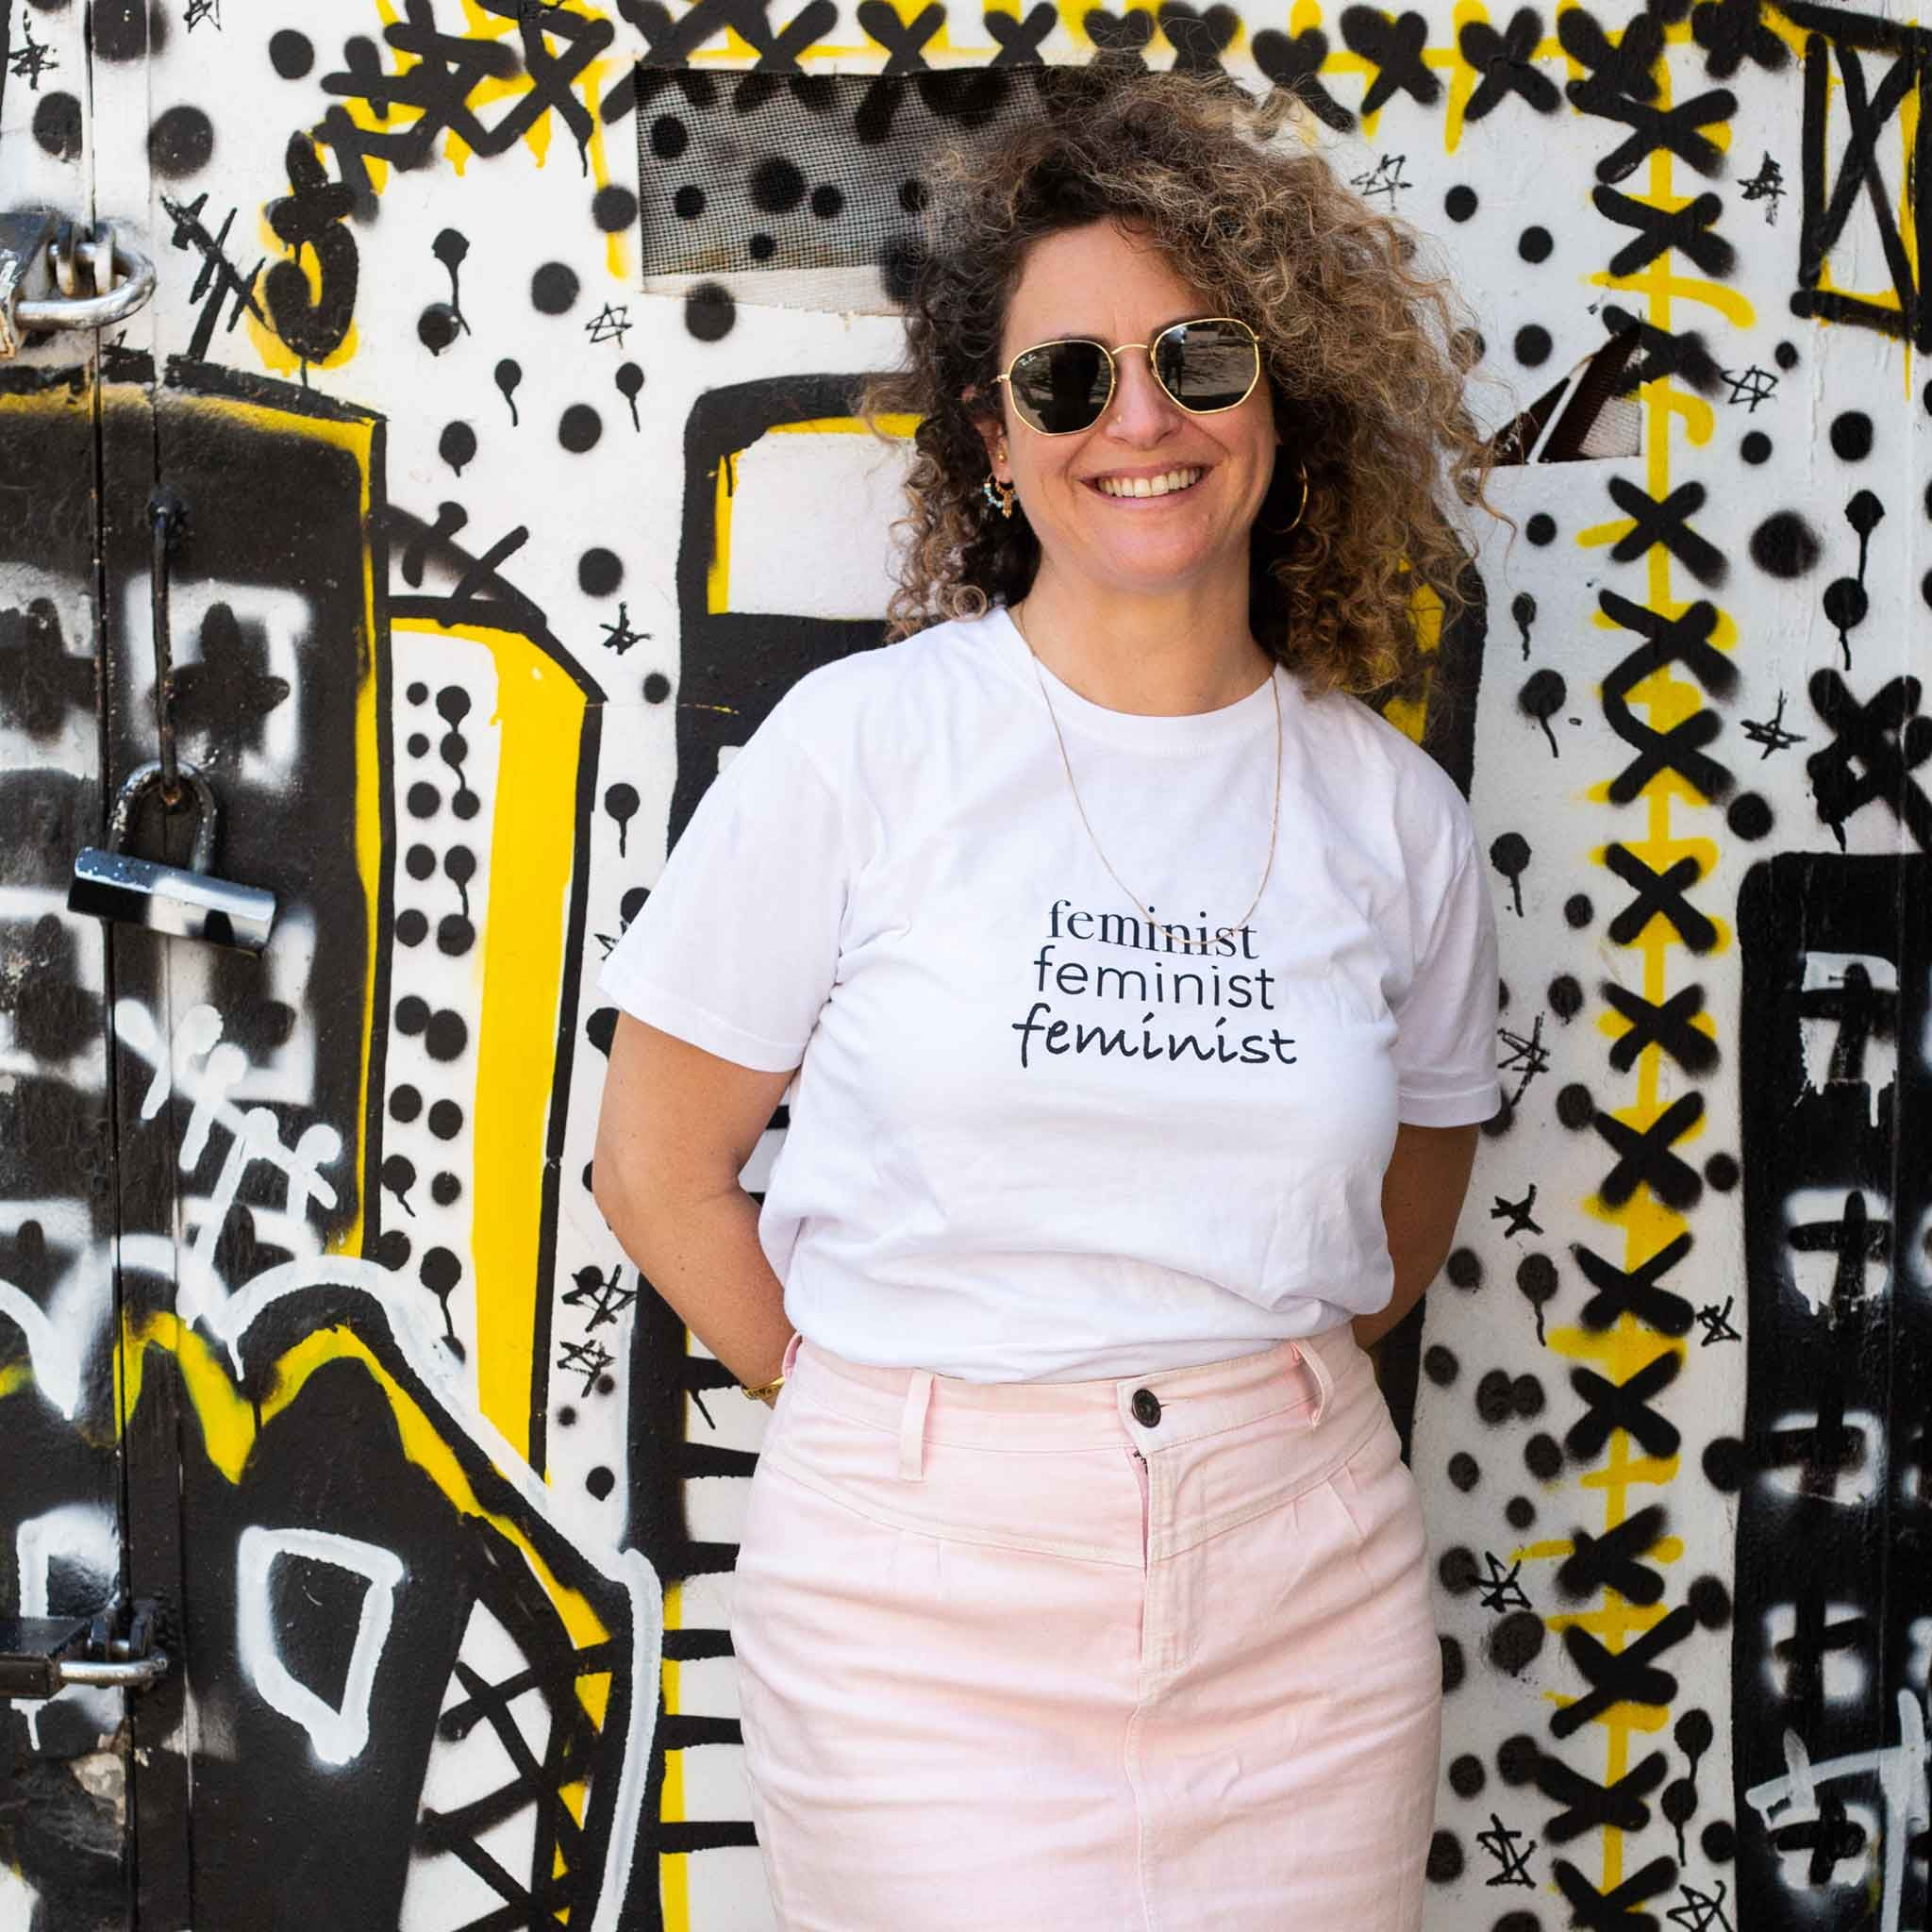 חולצת טי שירט יוניסקס לבנה Feminist